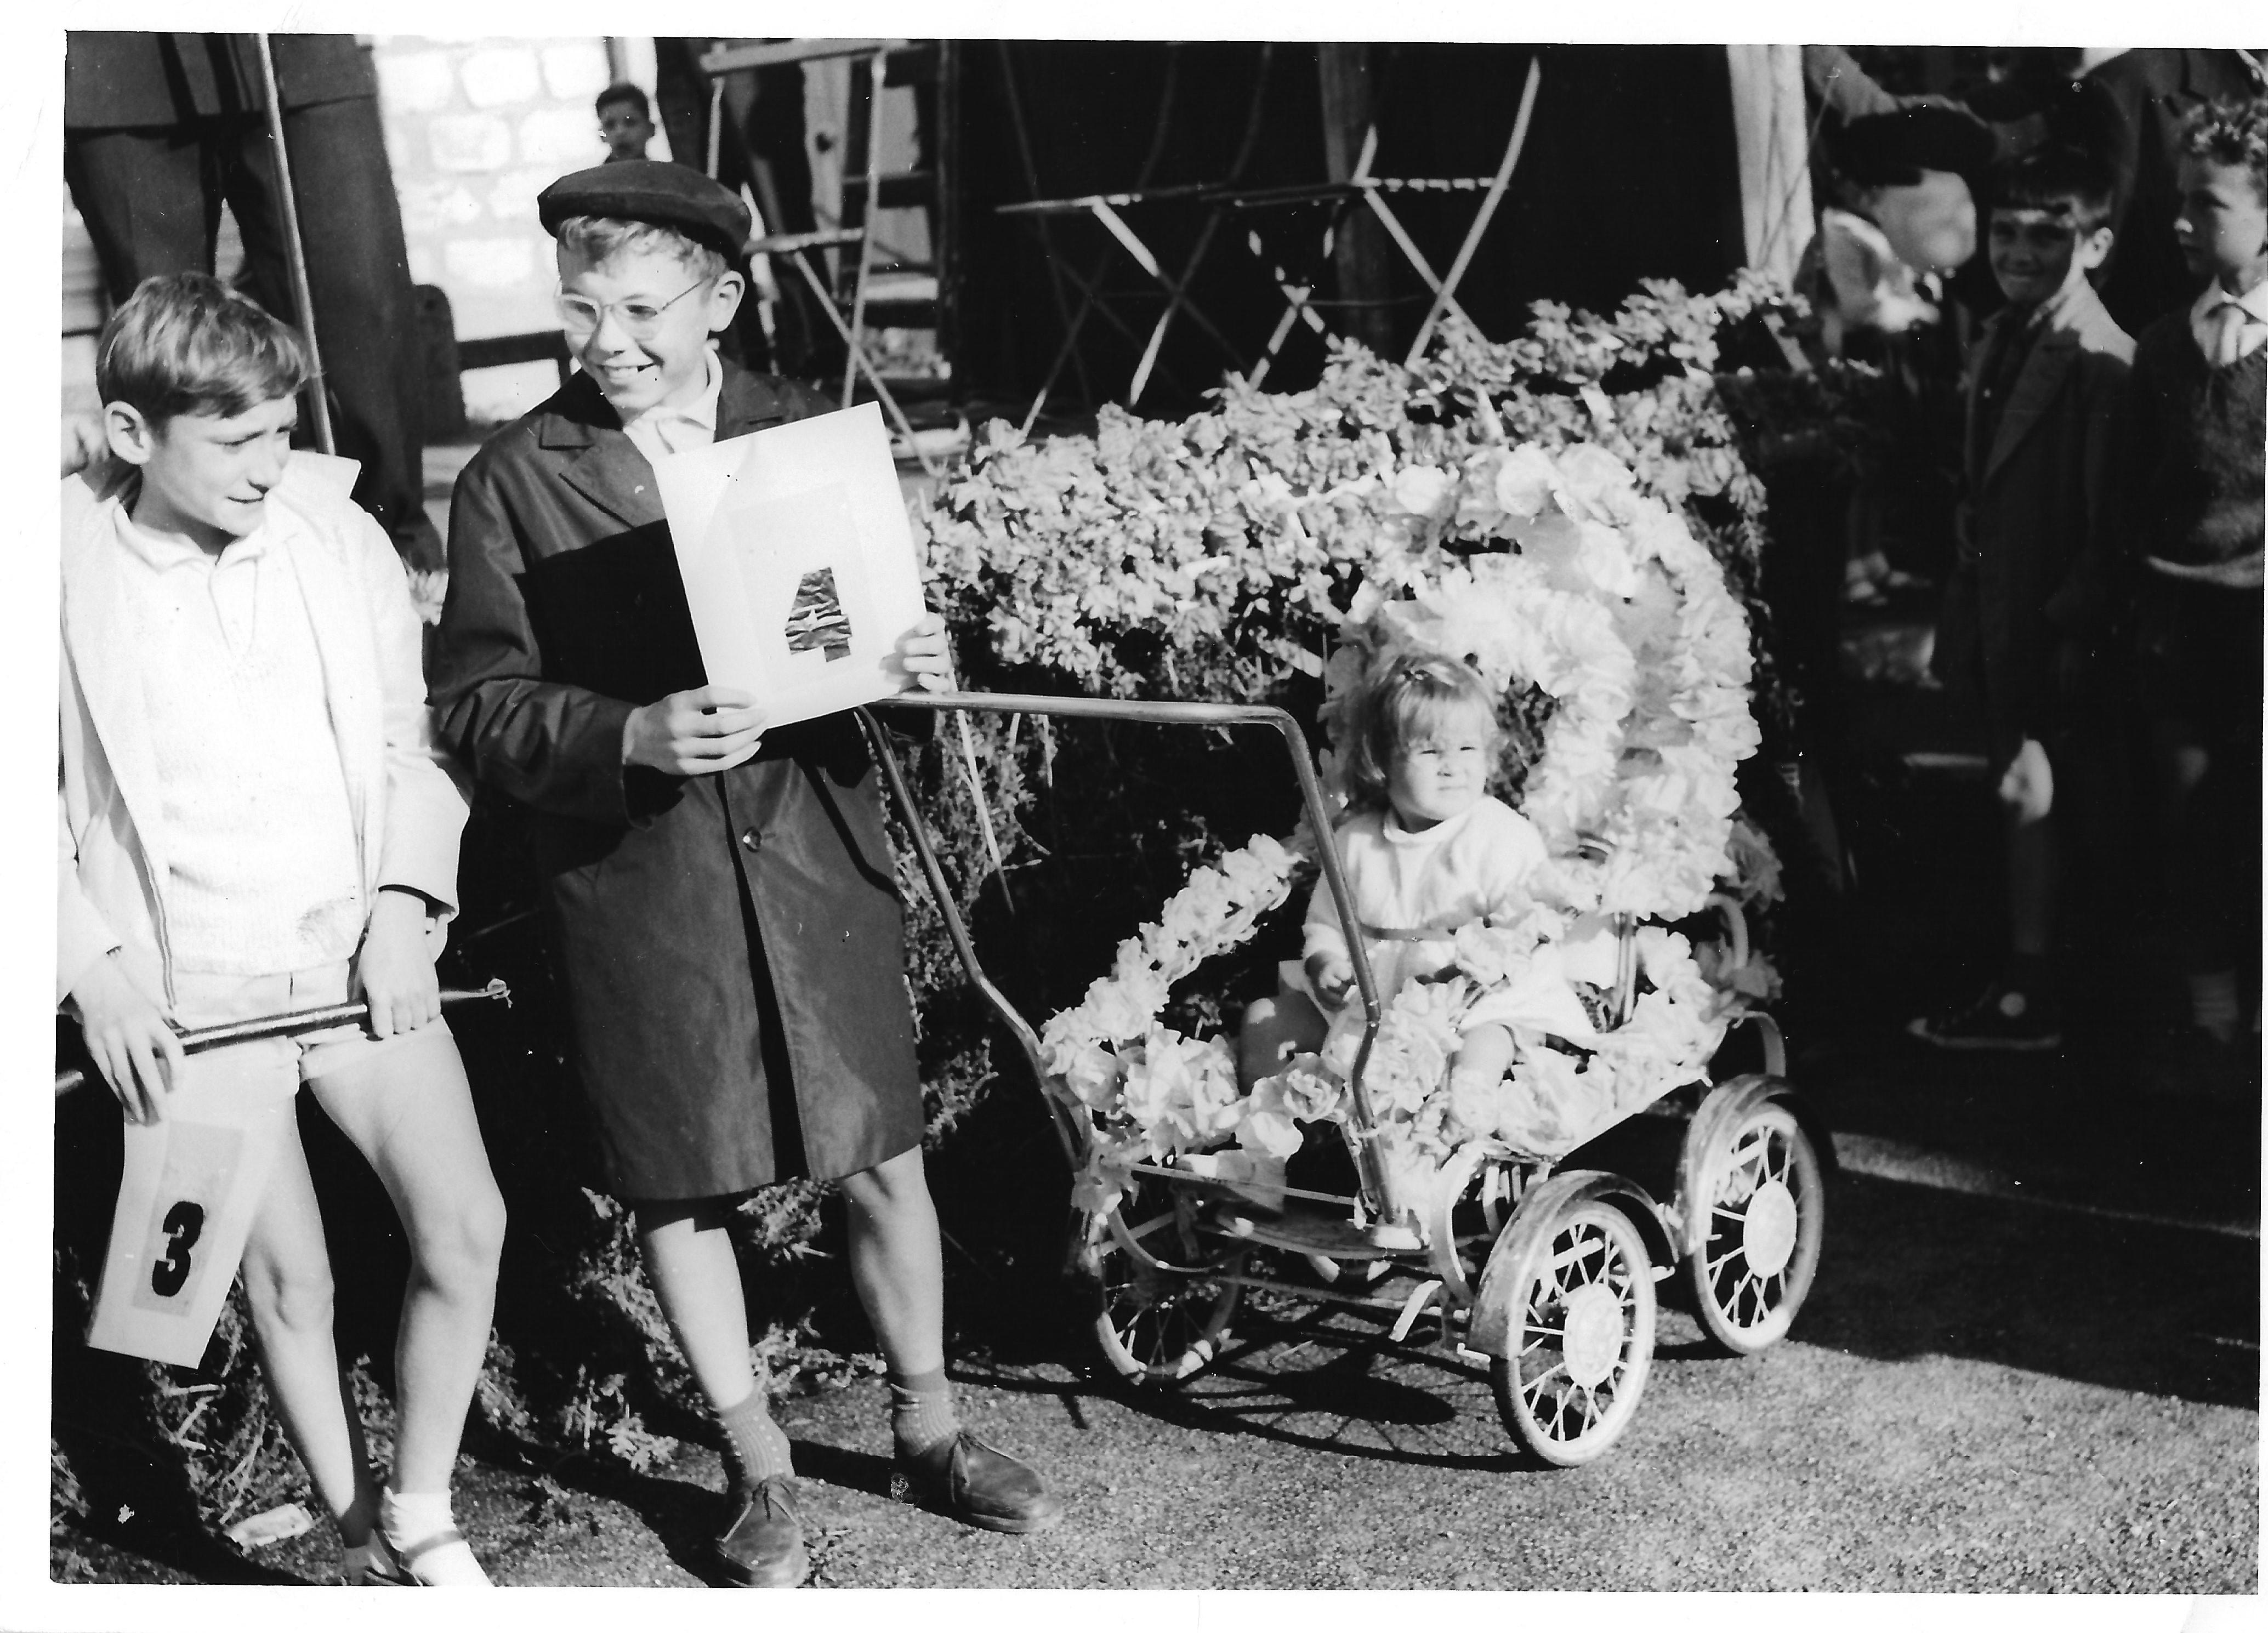 Un participant du concours de landaus fleuris - Photo Lydie Gascoin